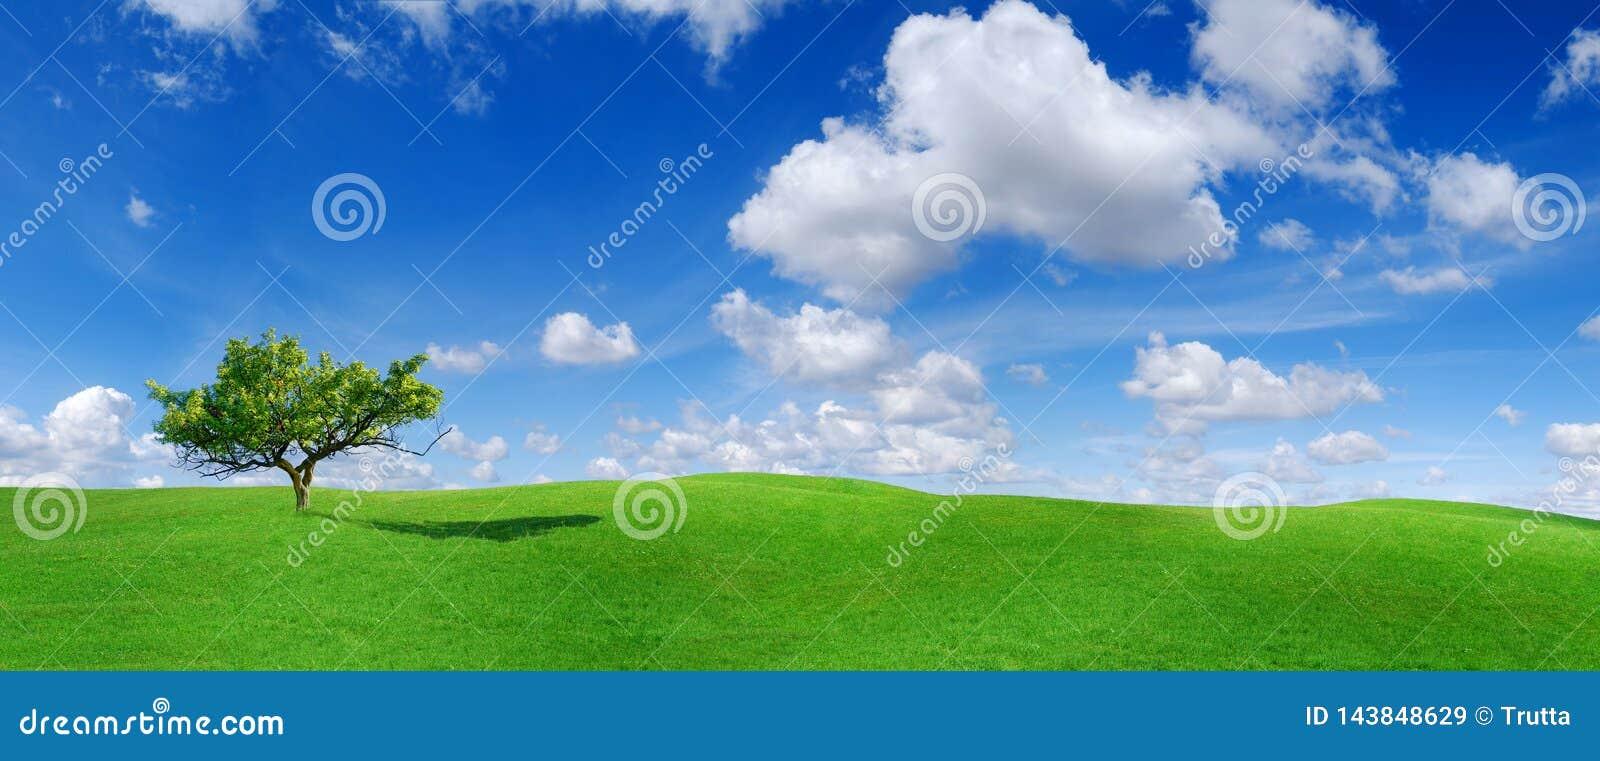 Idylle, panoramisch landschap, eenzame boom onder groene gebieden